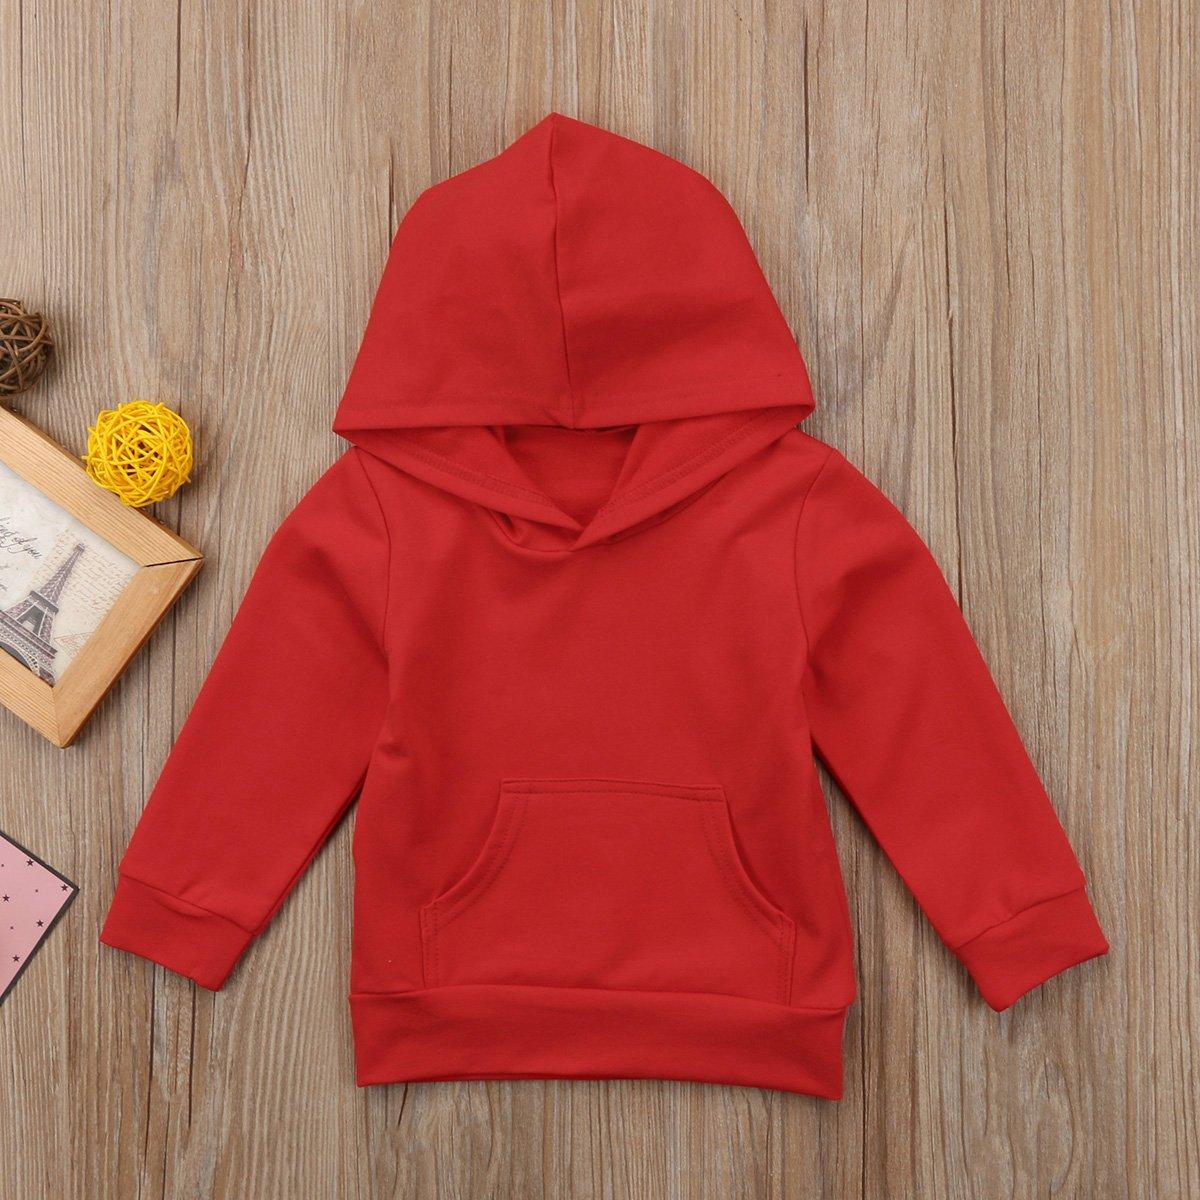 Urkutoba Baby Boys Girls Winter Hoodie Tops Words Print Hooded Sweatshirt with Pocket Outdoor Hoodie Outfit